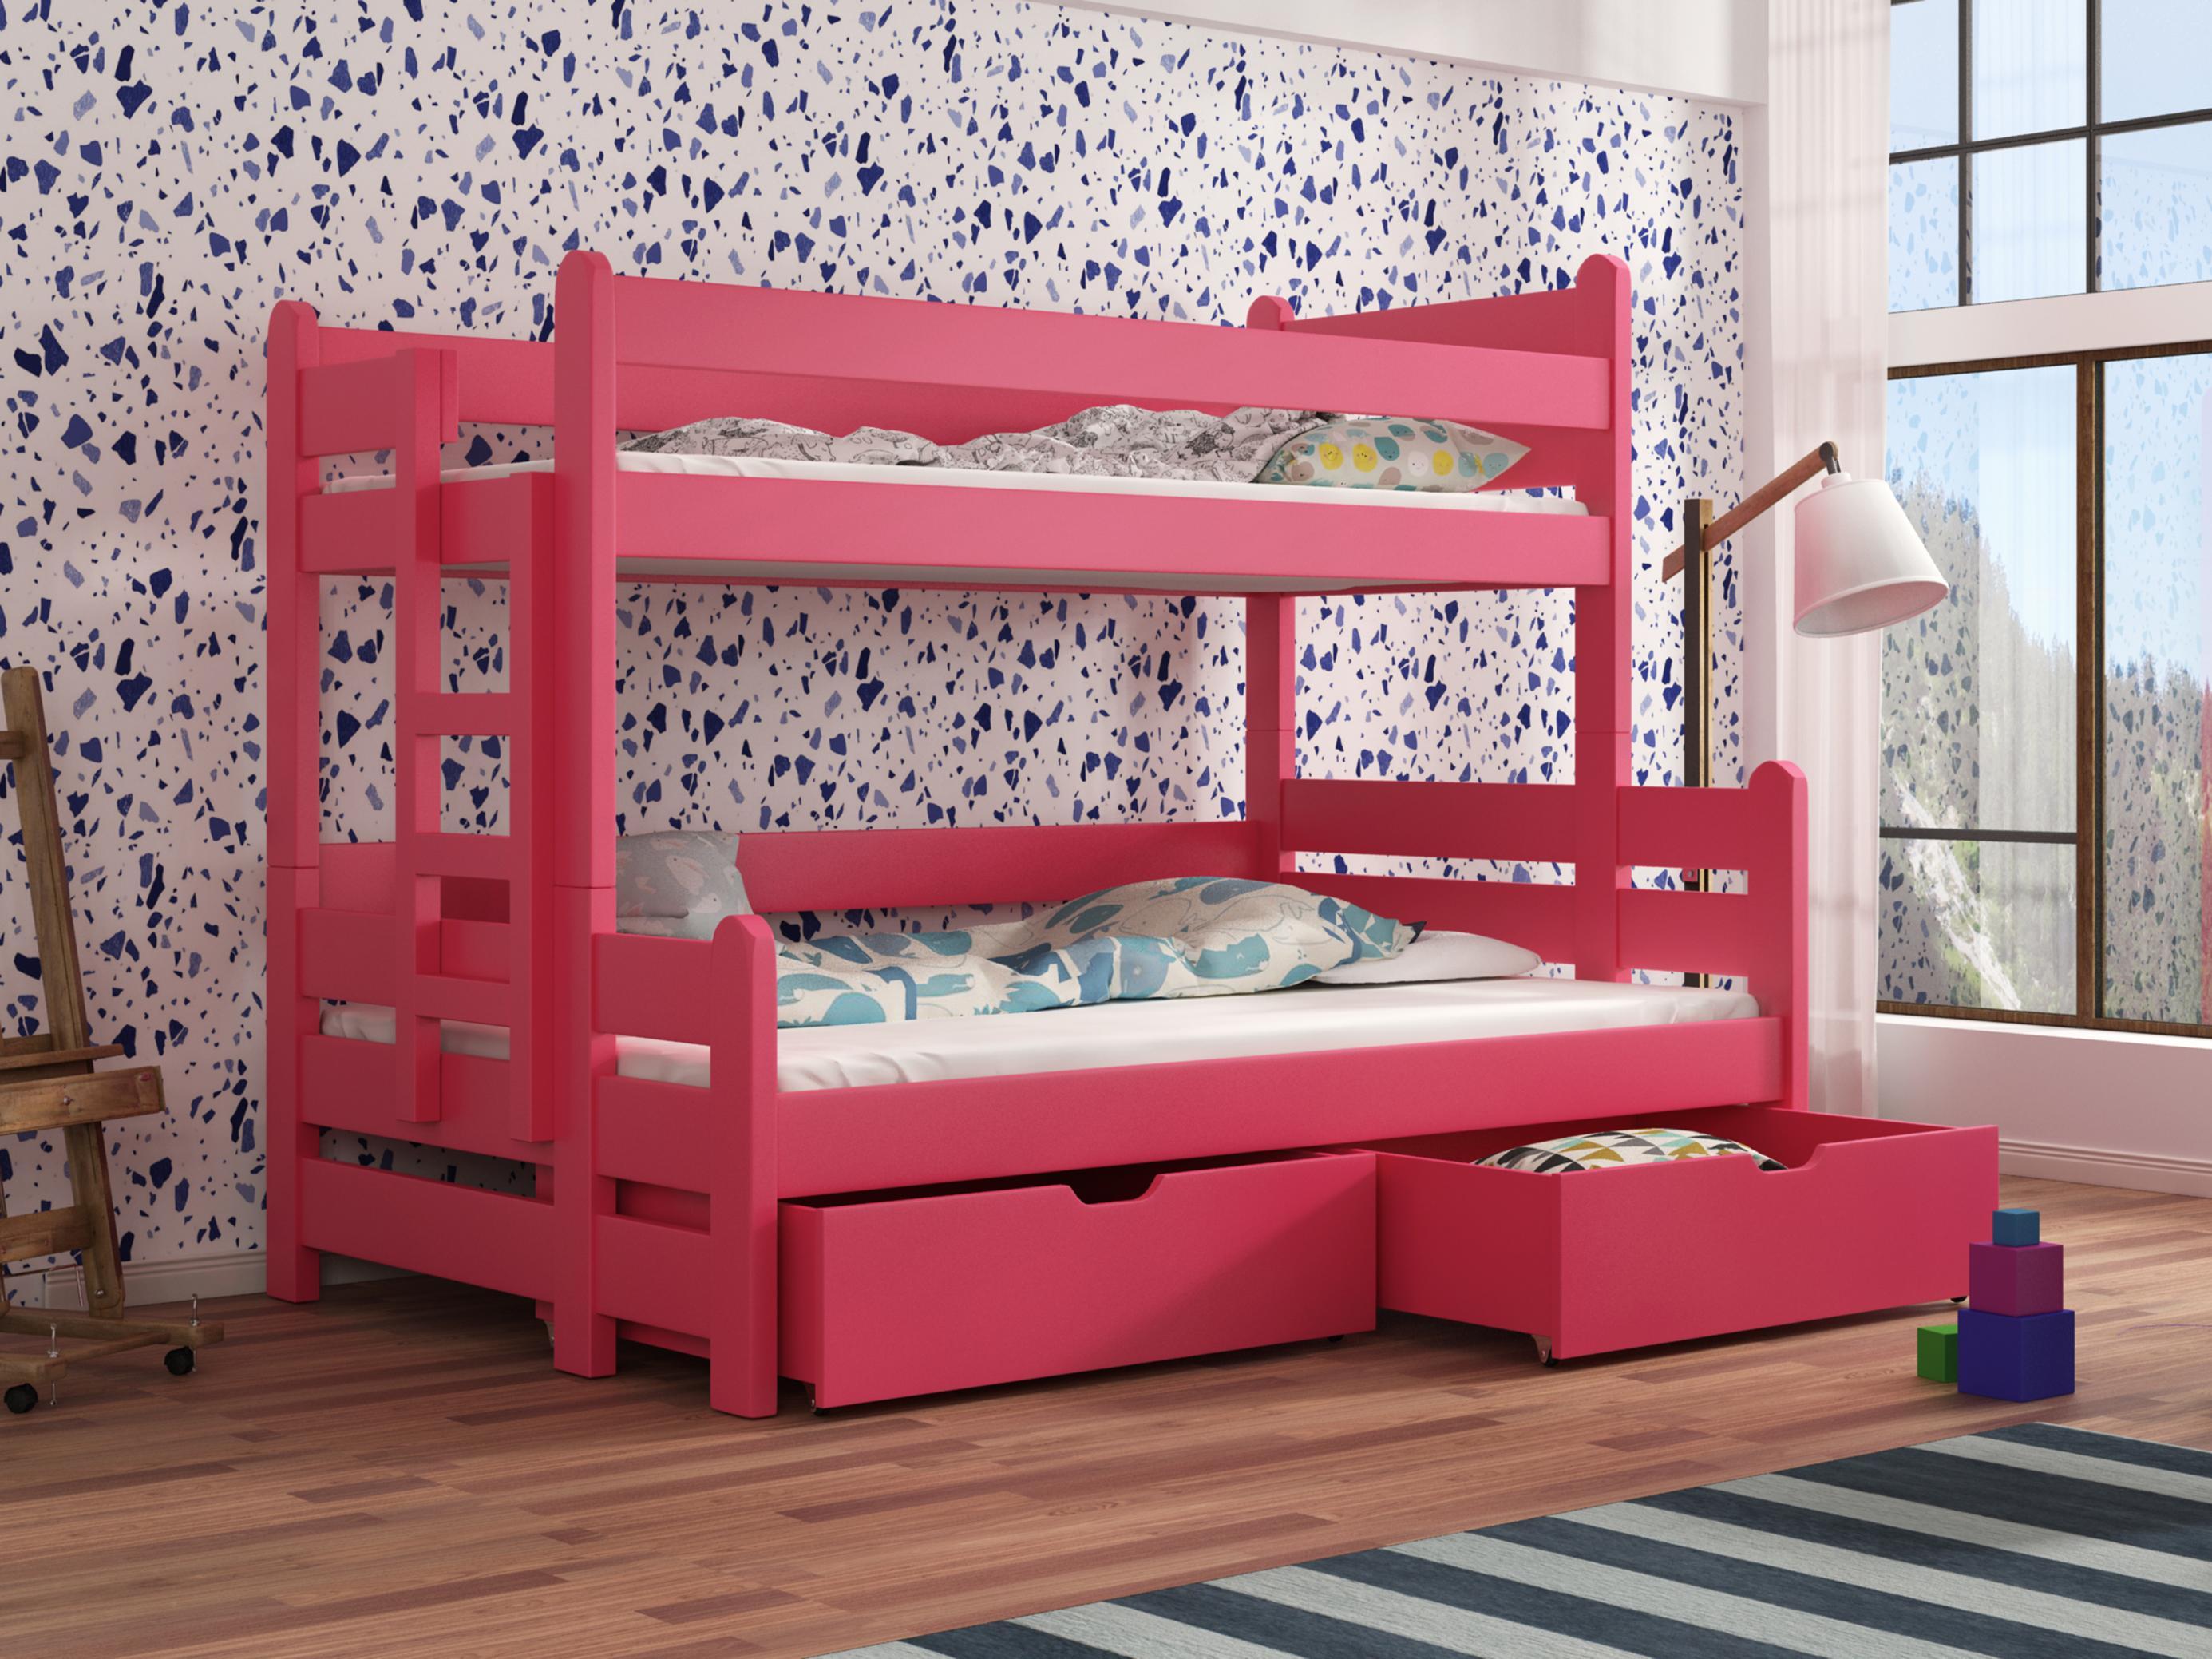 Dětská patrová postel 90 cm - Bivi (růžová)